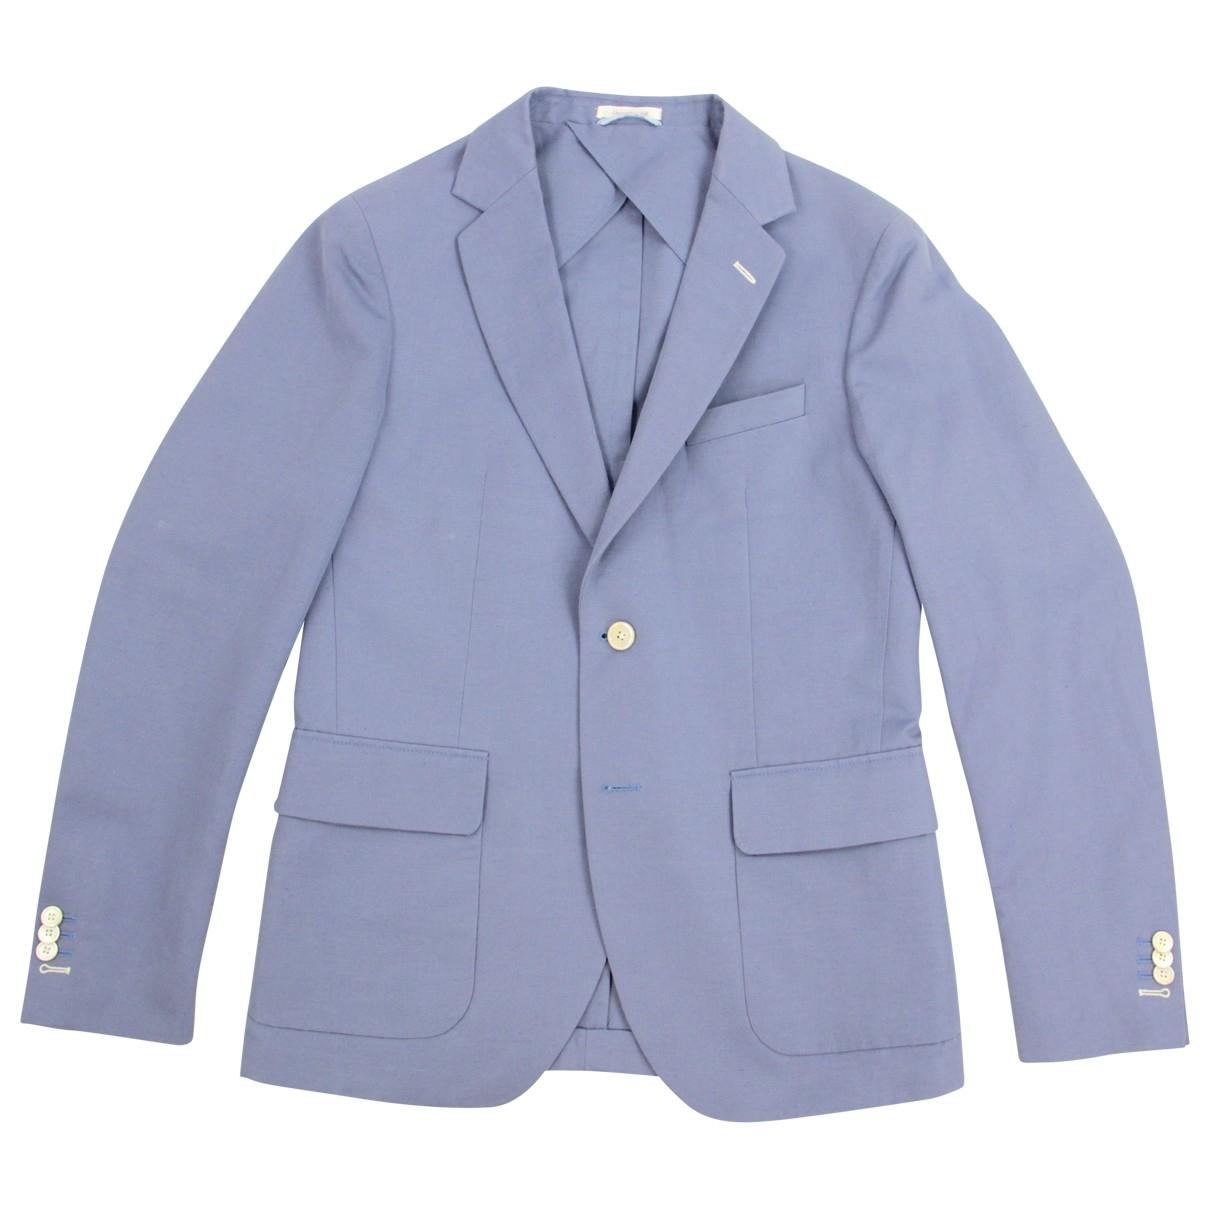 Gant Rugger - Vestes.Blousons   pour homme en lin - bleu